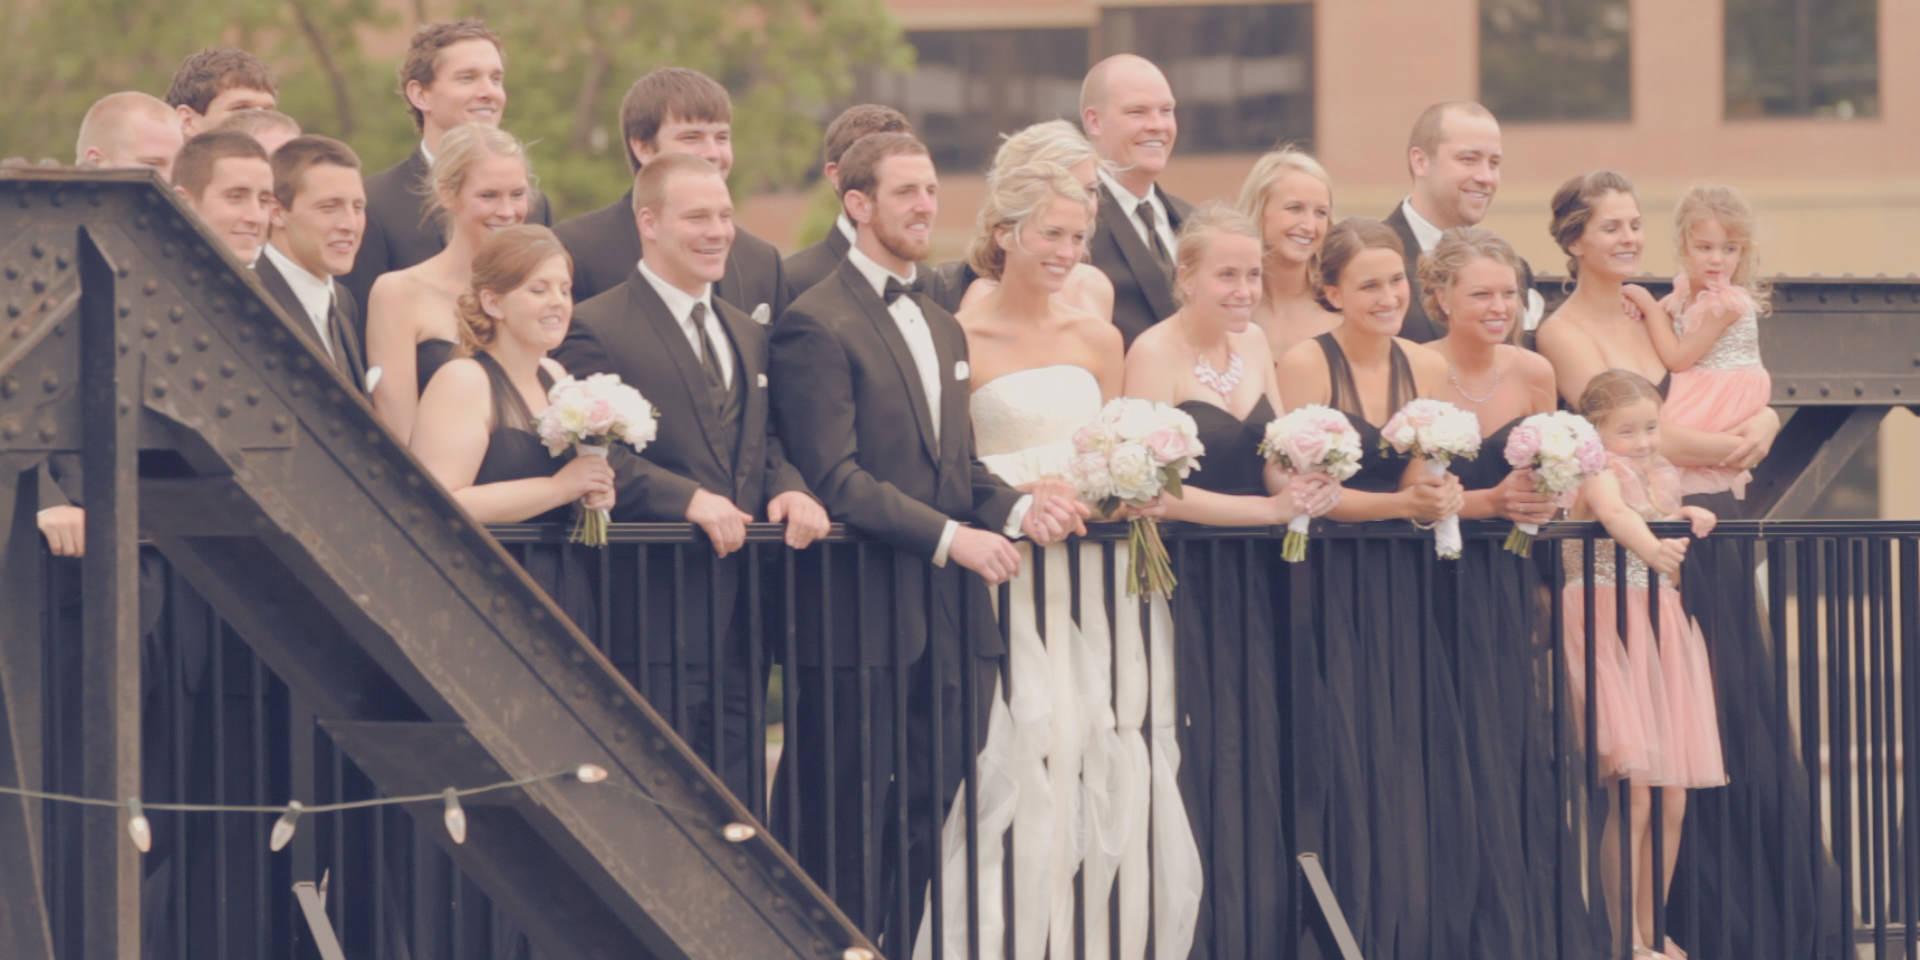 wedding story.00_16_09_16.Still025.jpg